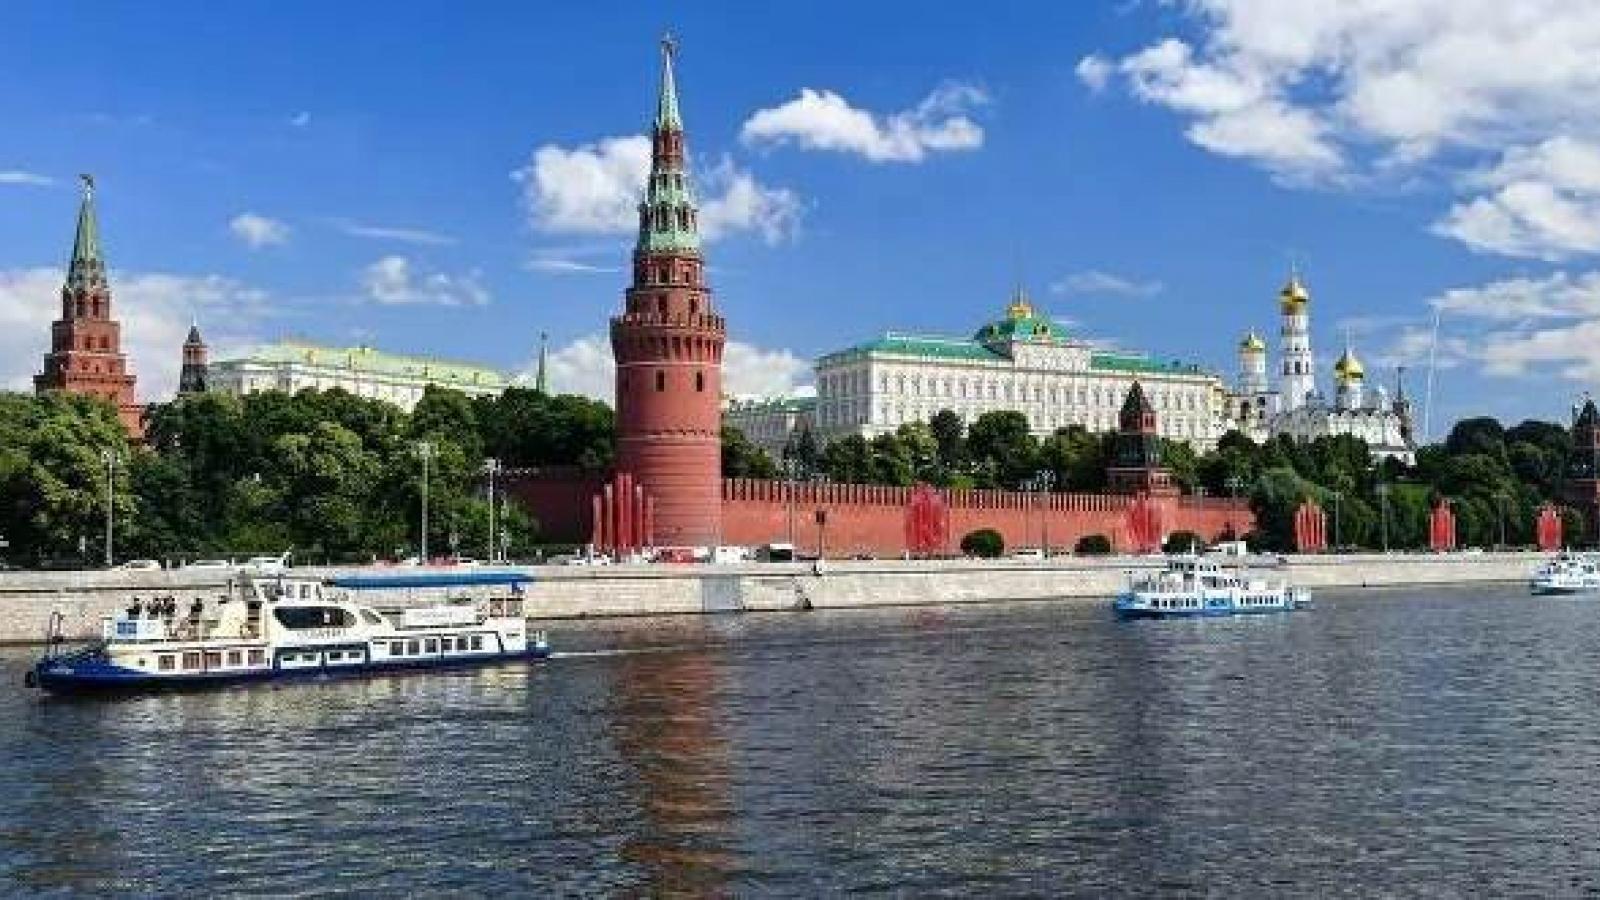 Điện Kremlin coi cuộc bầu cử Tổng thống ở Belarus là việc nội bộ